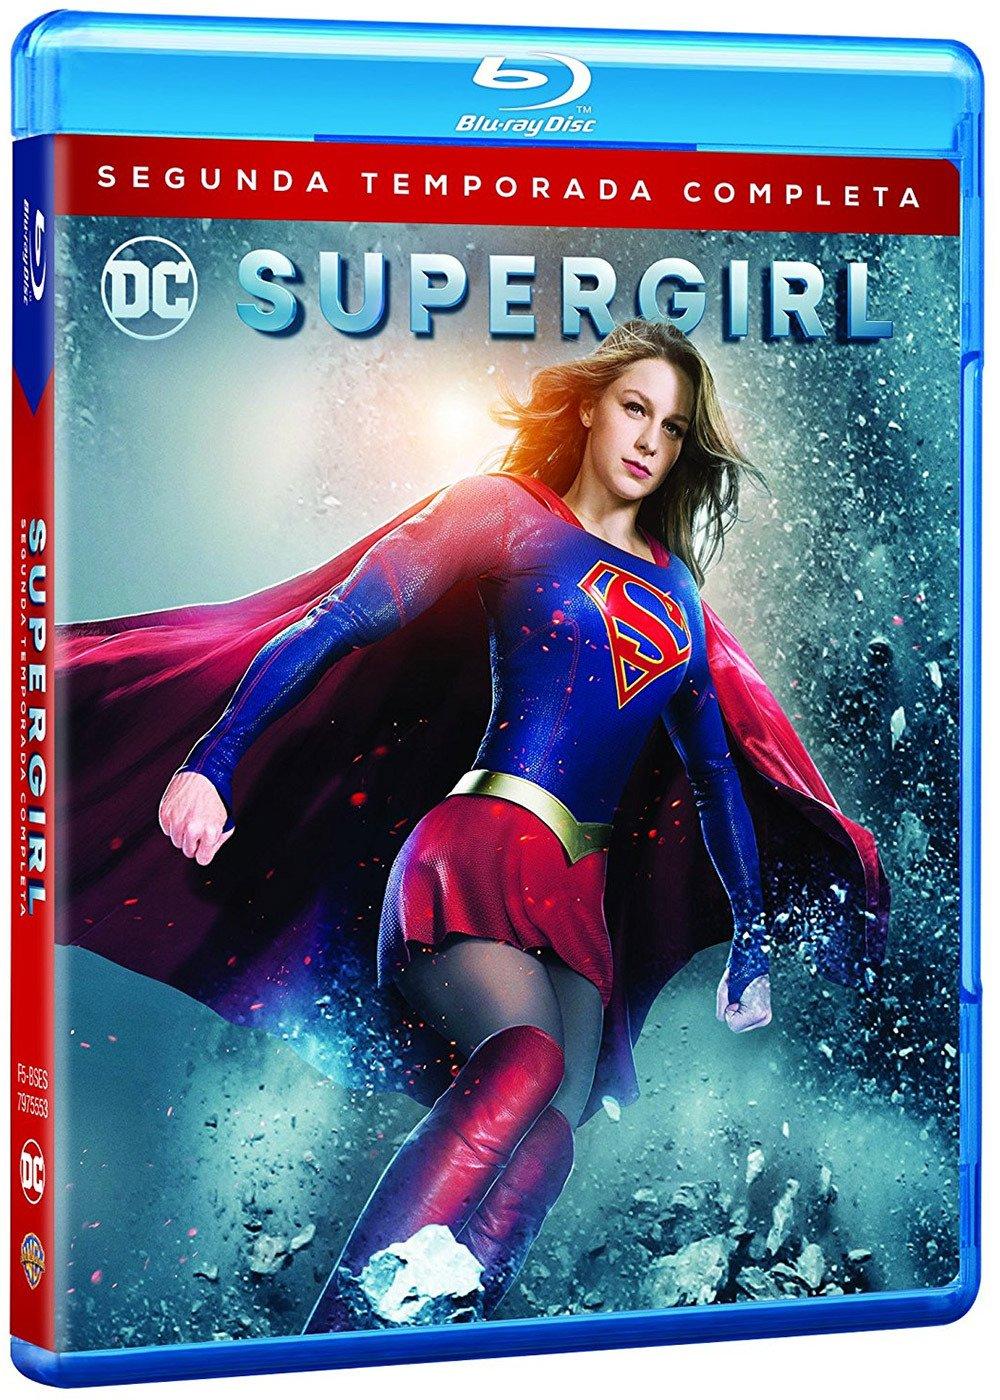 Amazon.com: Supergirl (SUPERGIRL TEMPORADA 2, Importé dEspagne, langues sur les détails): Movies & TV